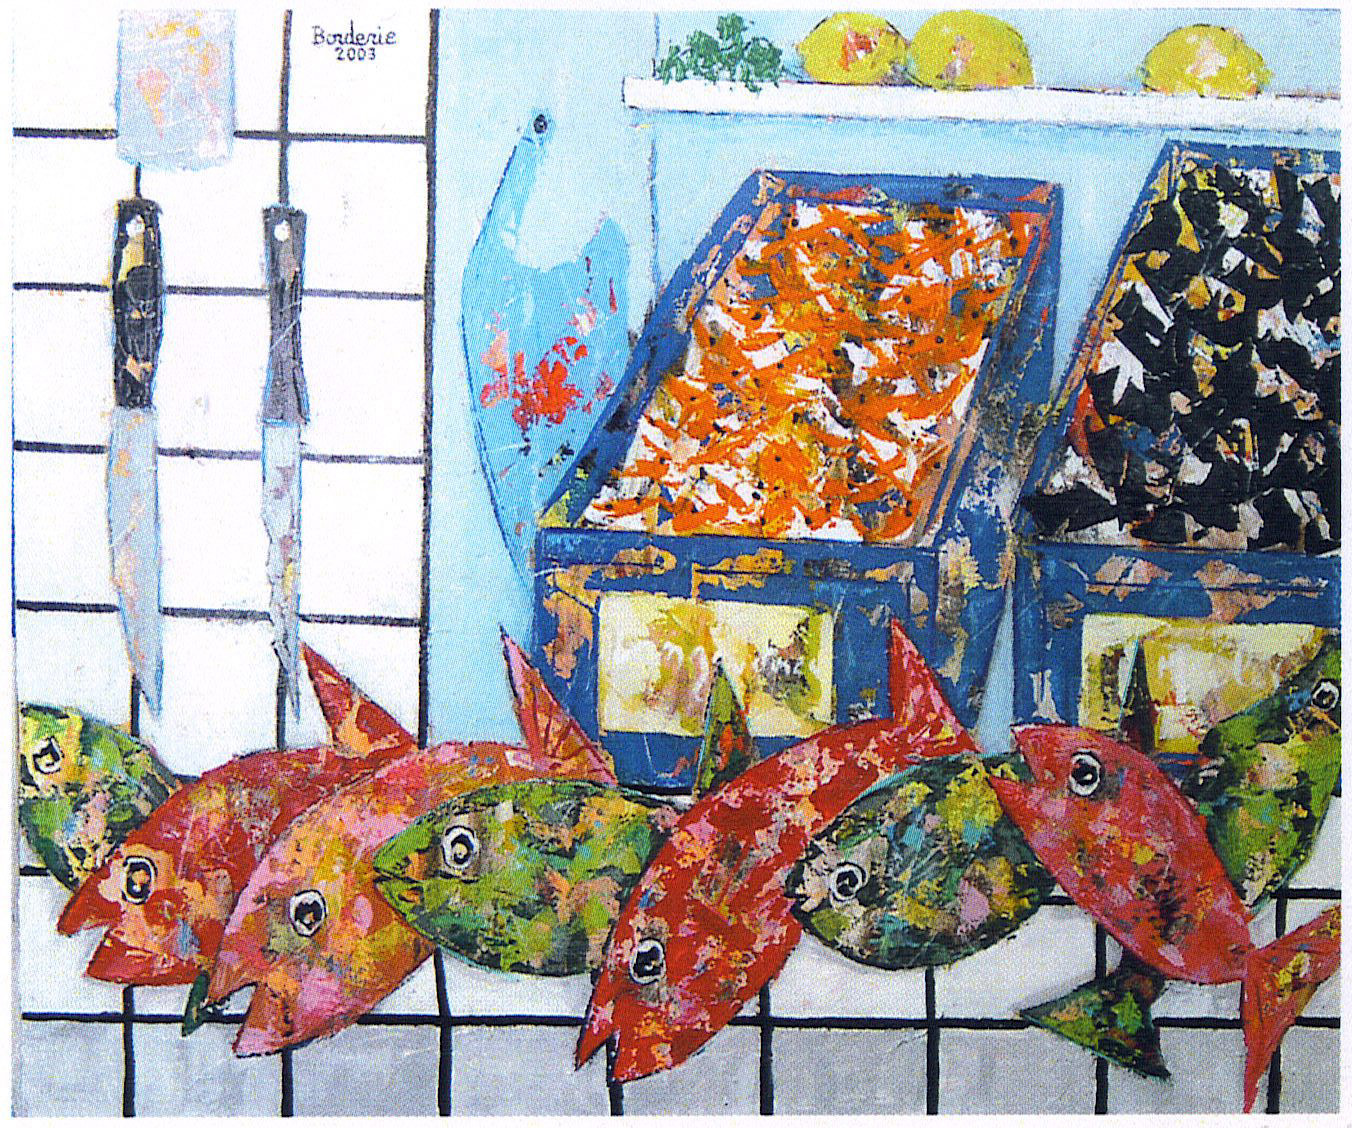 langoustines, moules, et poissons.